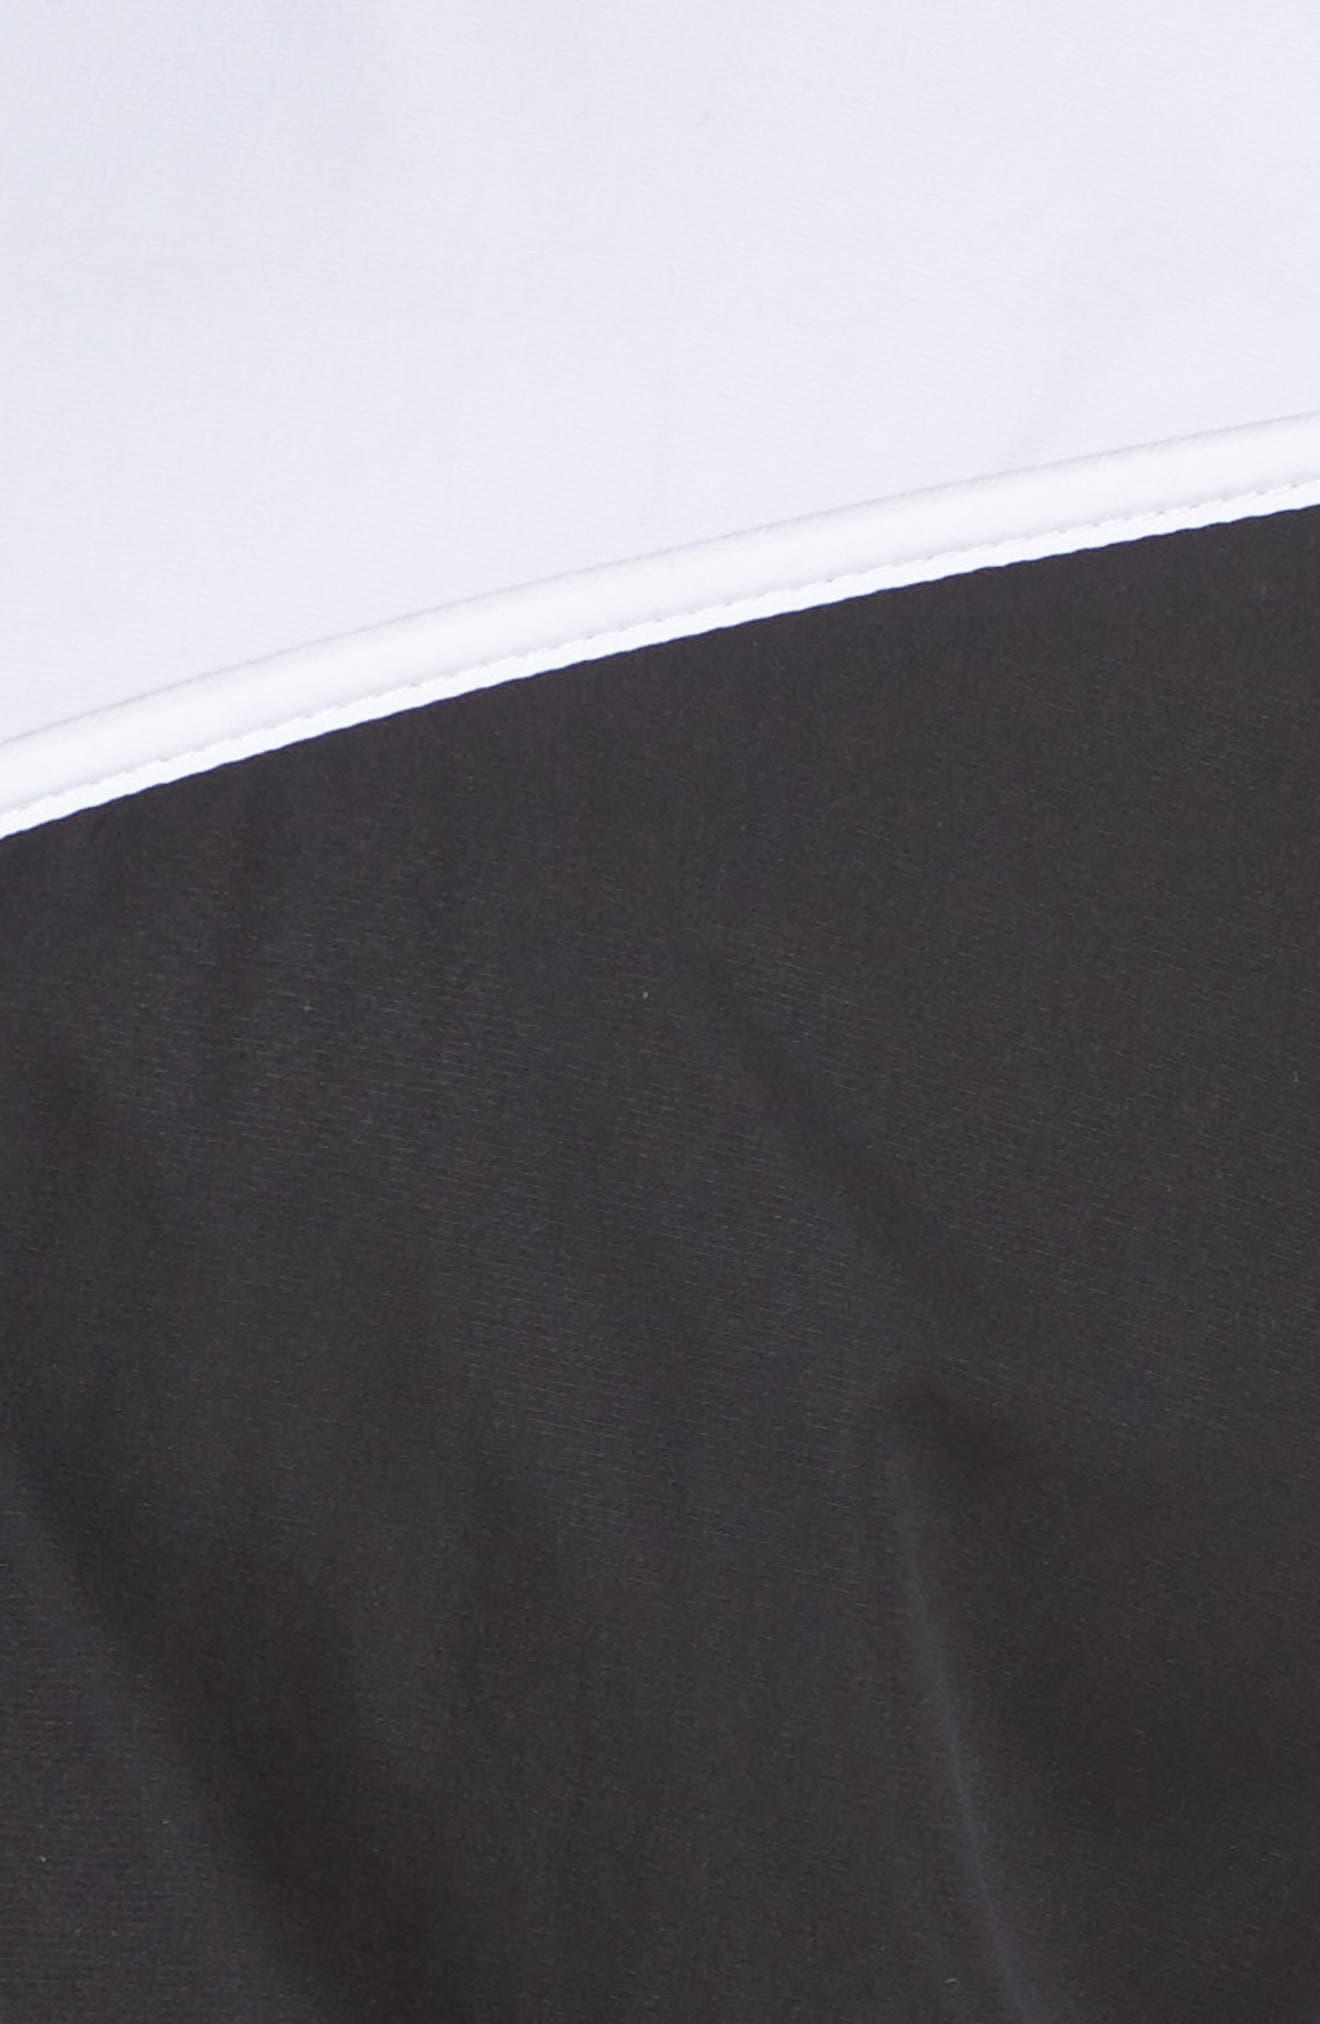 NIKE, Sportswear Windrunner Jacket, Alternate thumbnail 7, color, BLACK/ WHITE/ BLACK